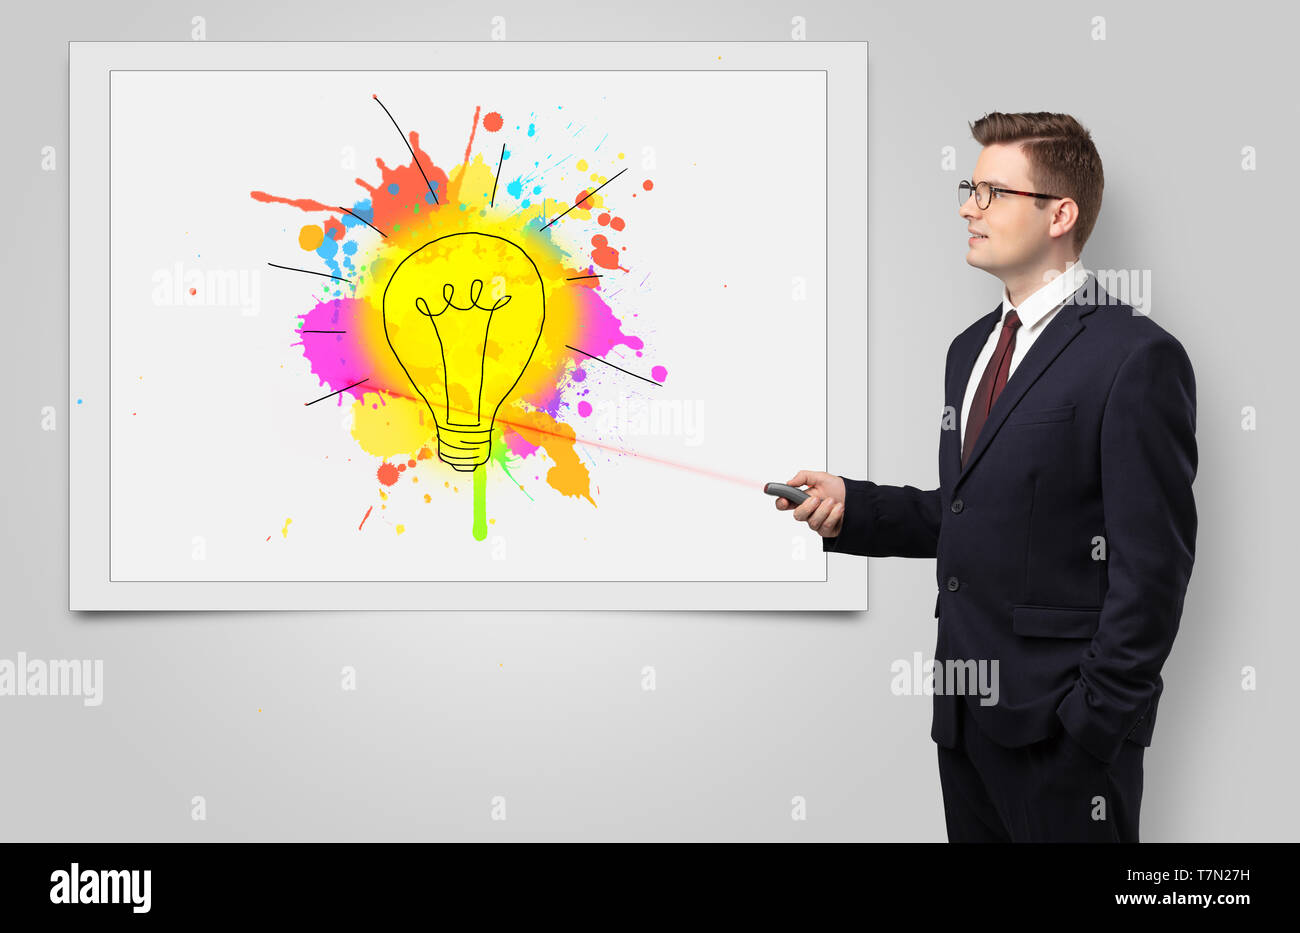 Hombre con puntero láser presentación innovadora idea Imagen De Stock